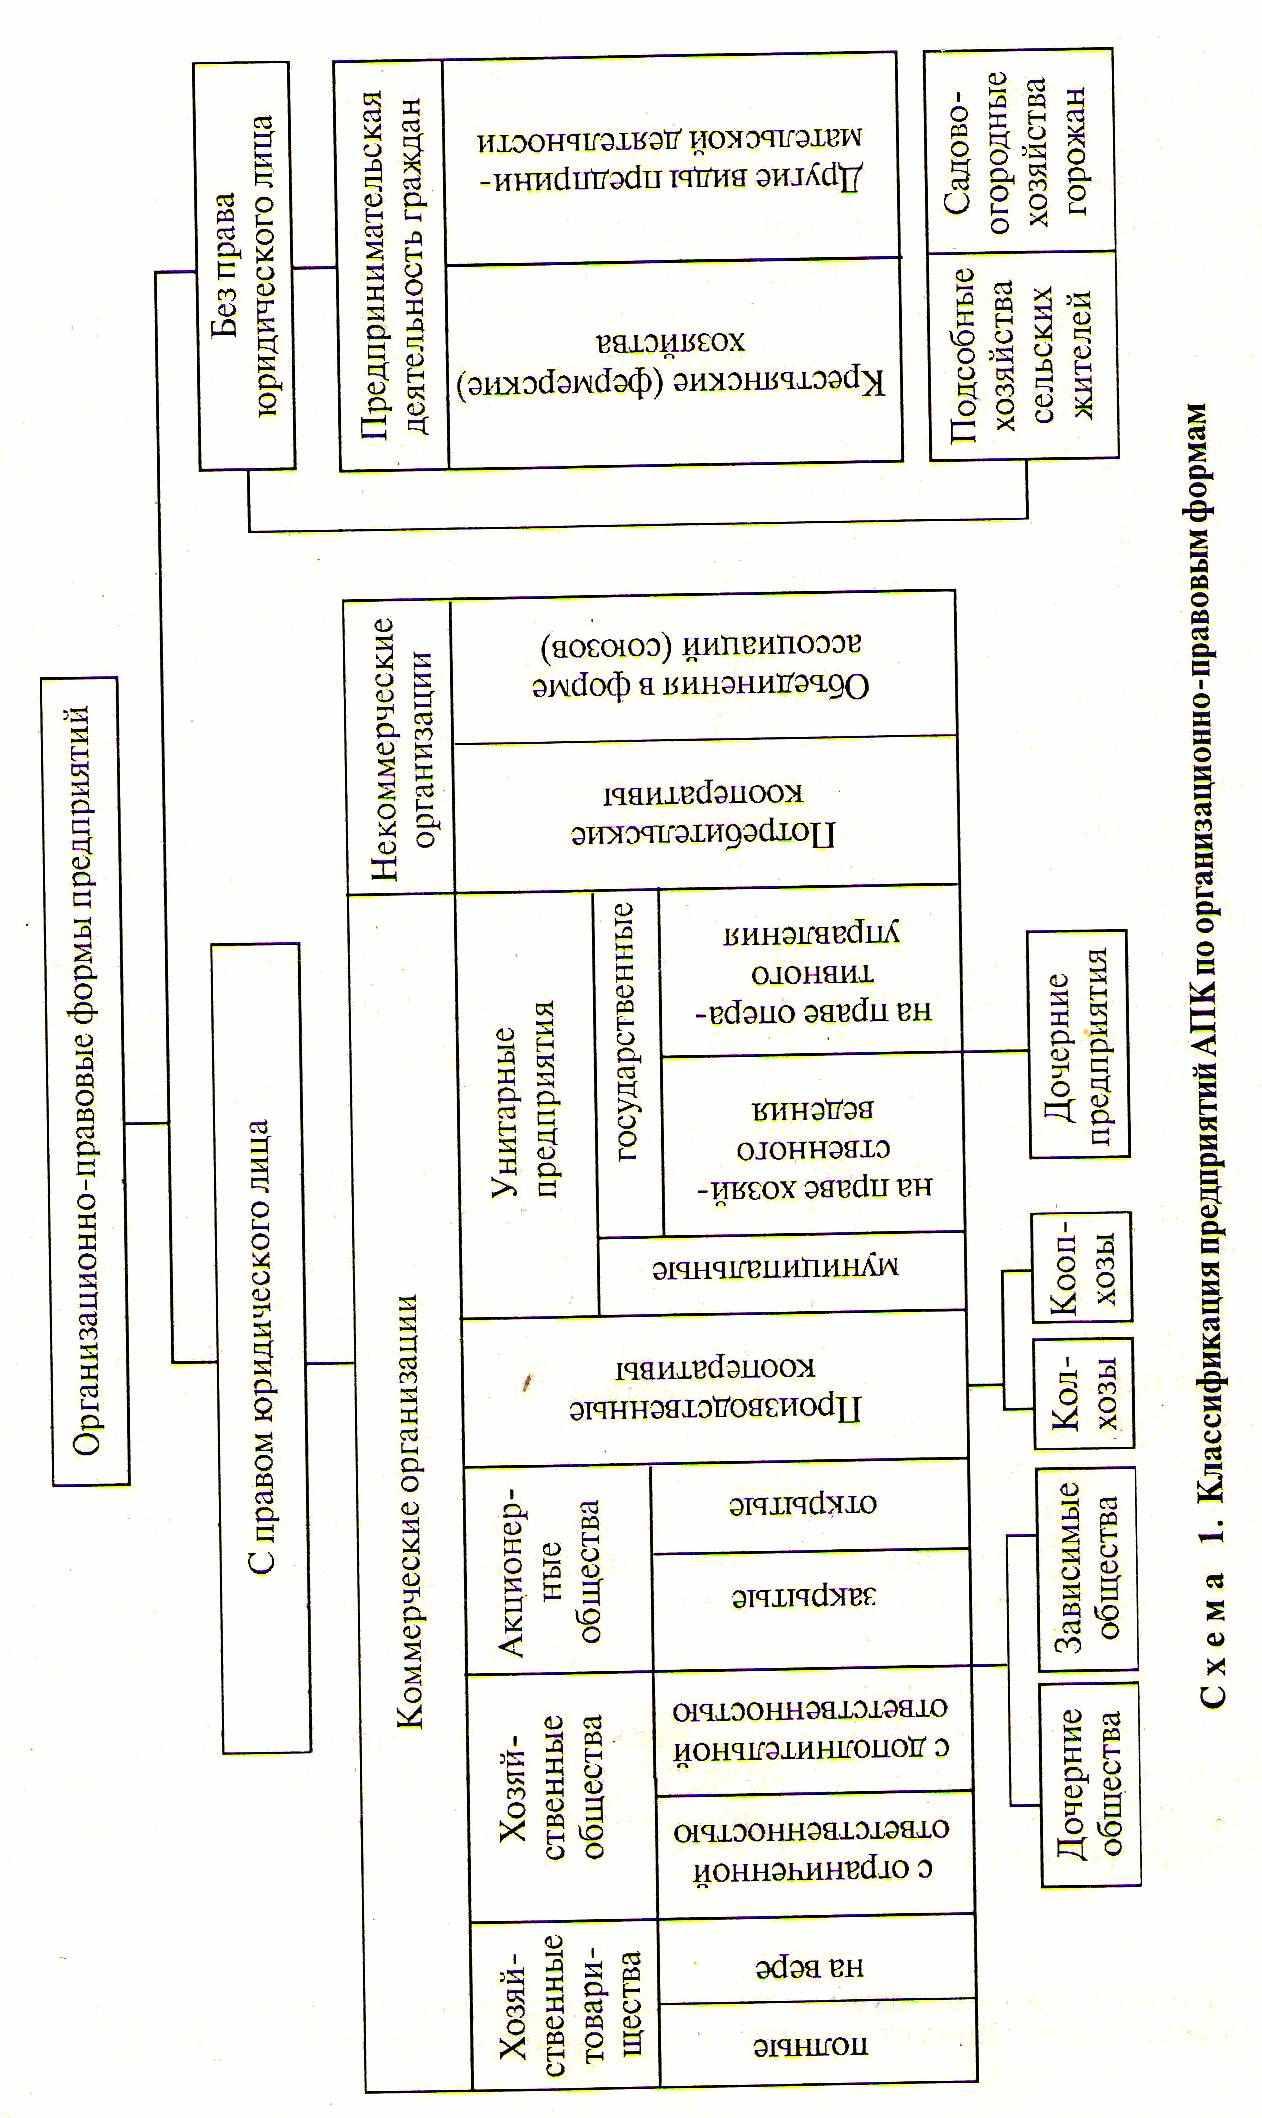 Виды организационно-правовых форм предприятий схема